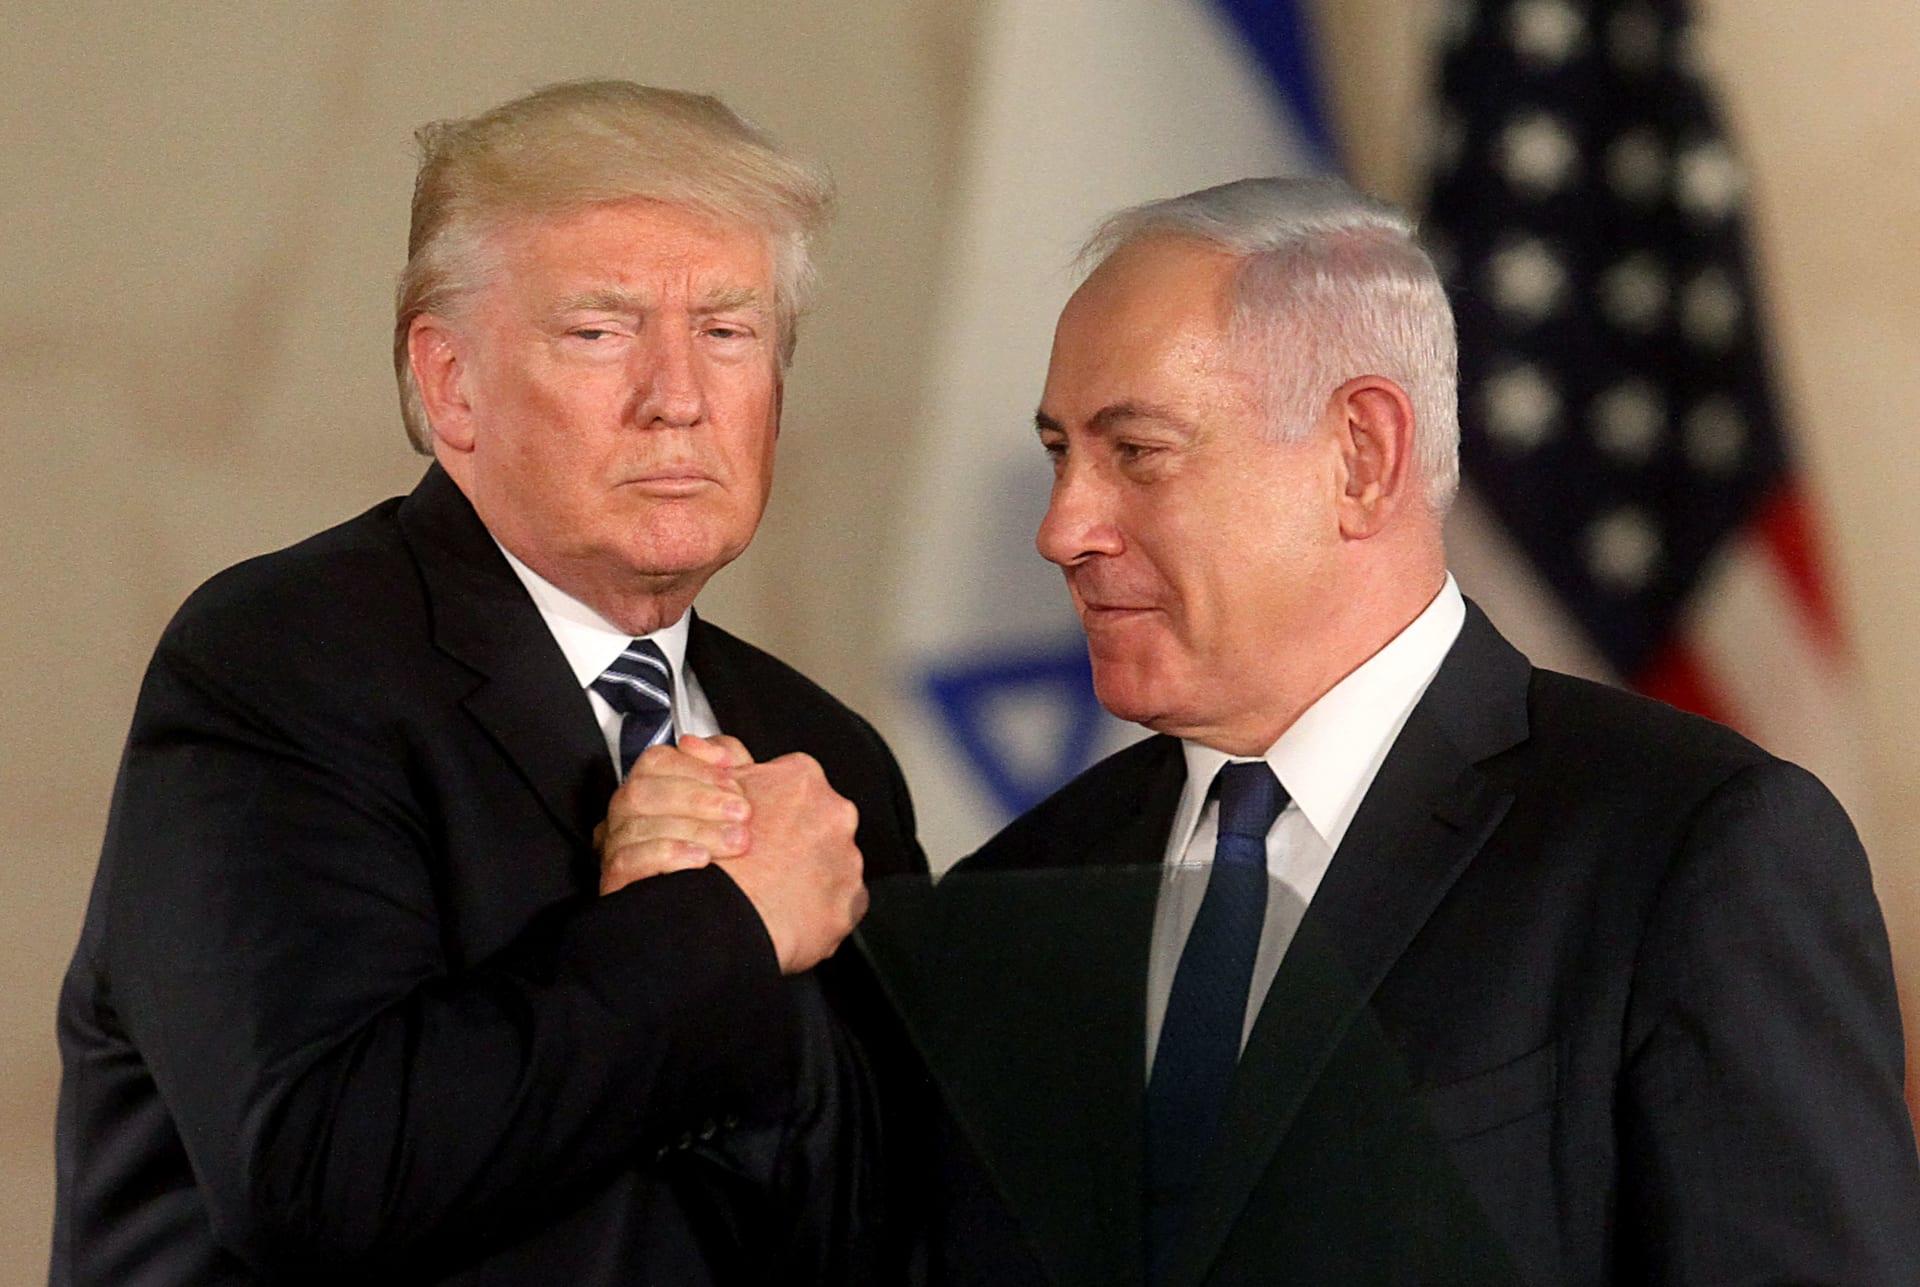 ترامب: حان الوقت للاعتراف الكامل بسيادة إسرائيل على الجولان